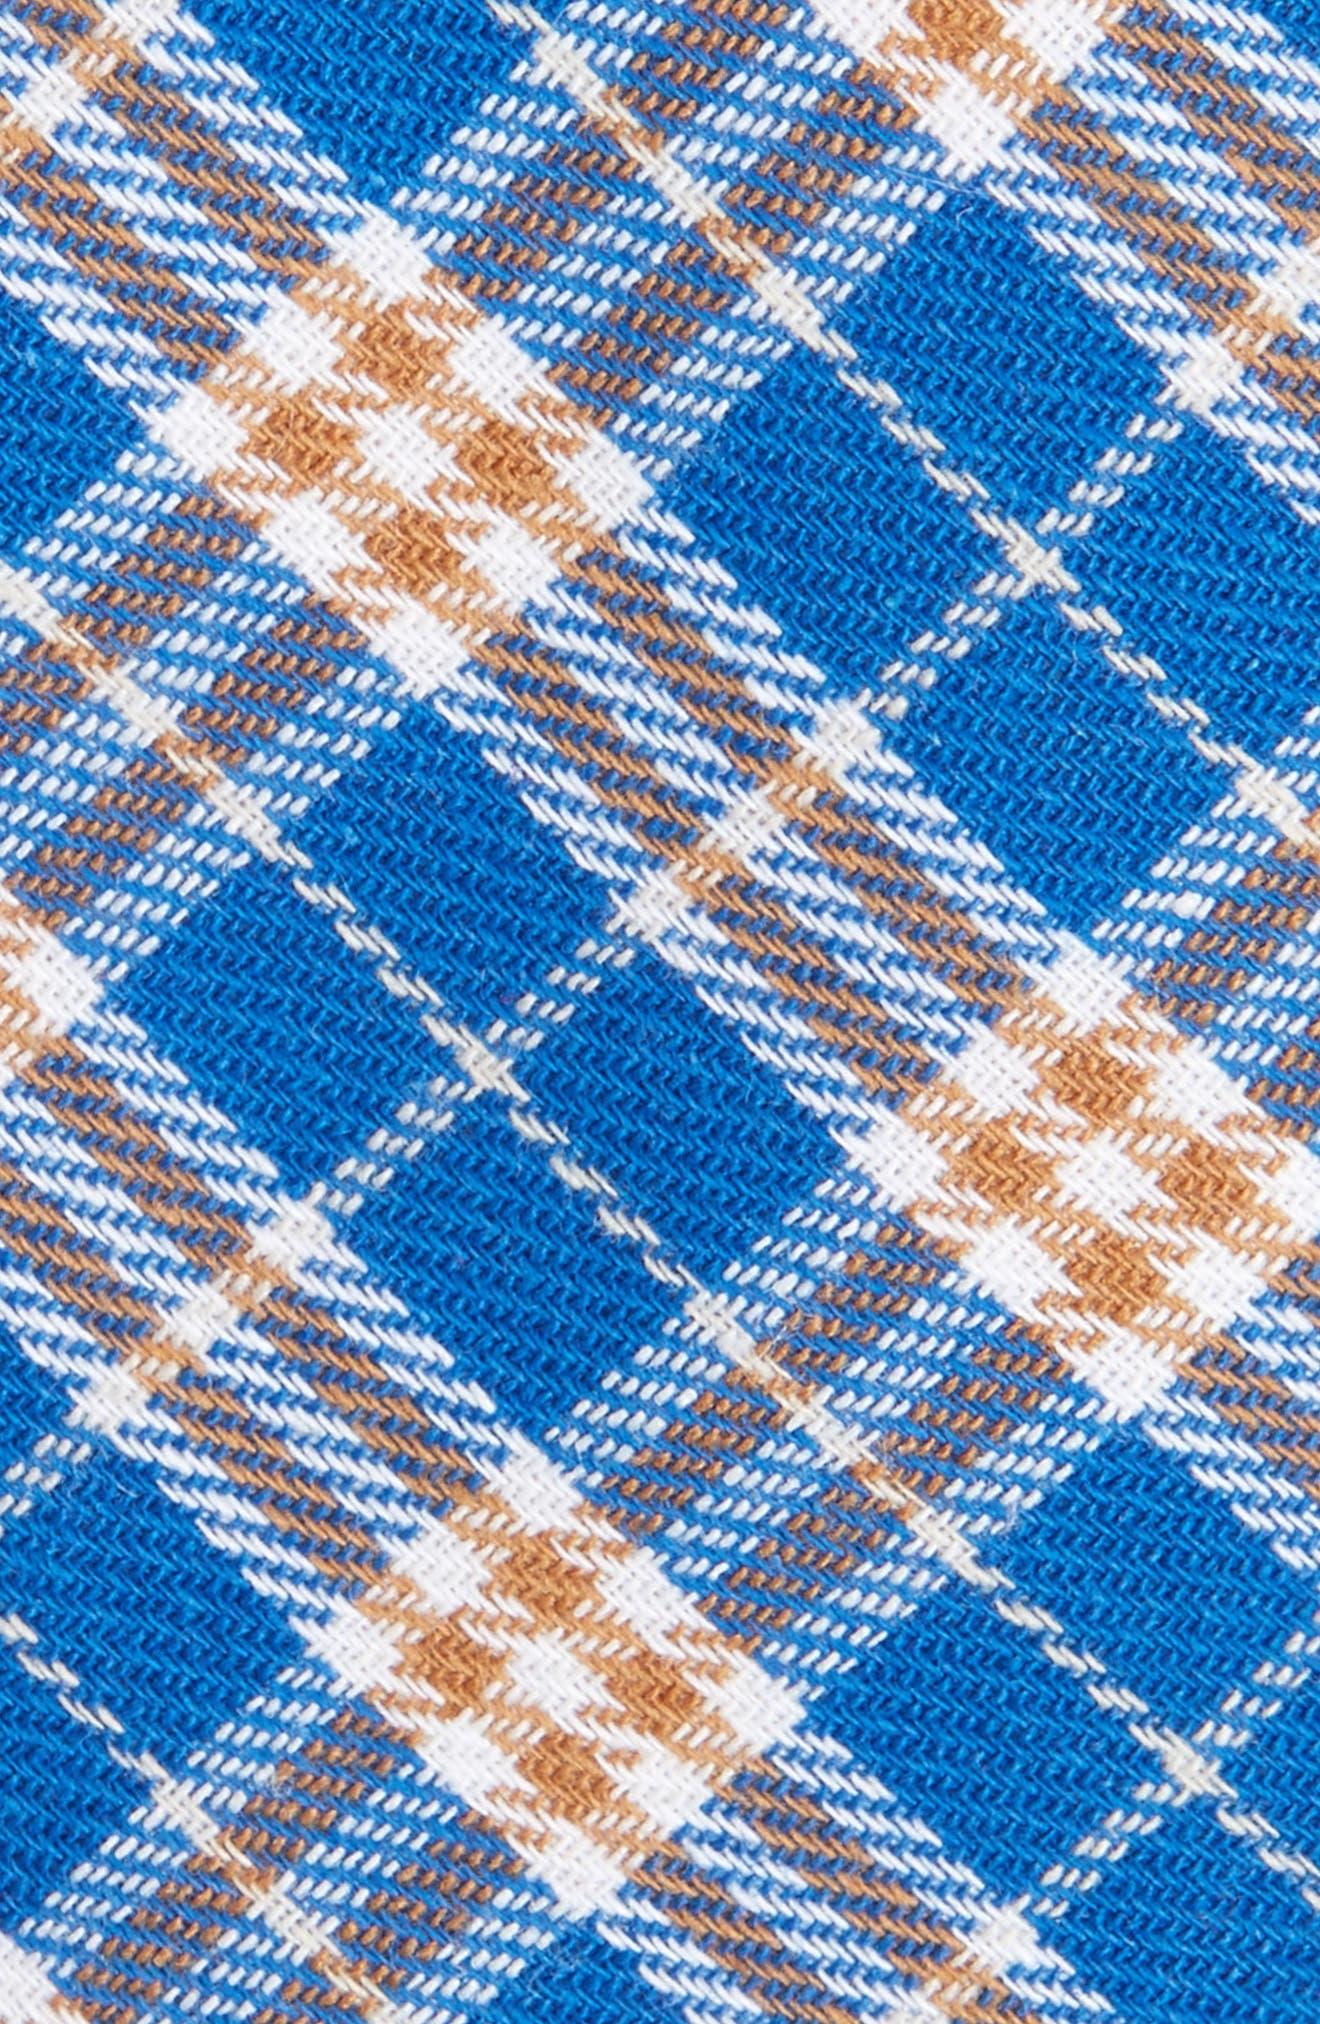 Siegel Plaid Cotton & Linen Skinny Tie,                             Alternate thumbnail 2, color,                             Blue